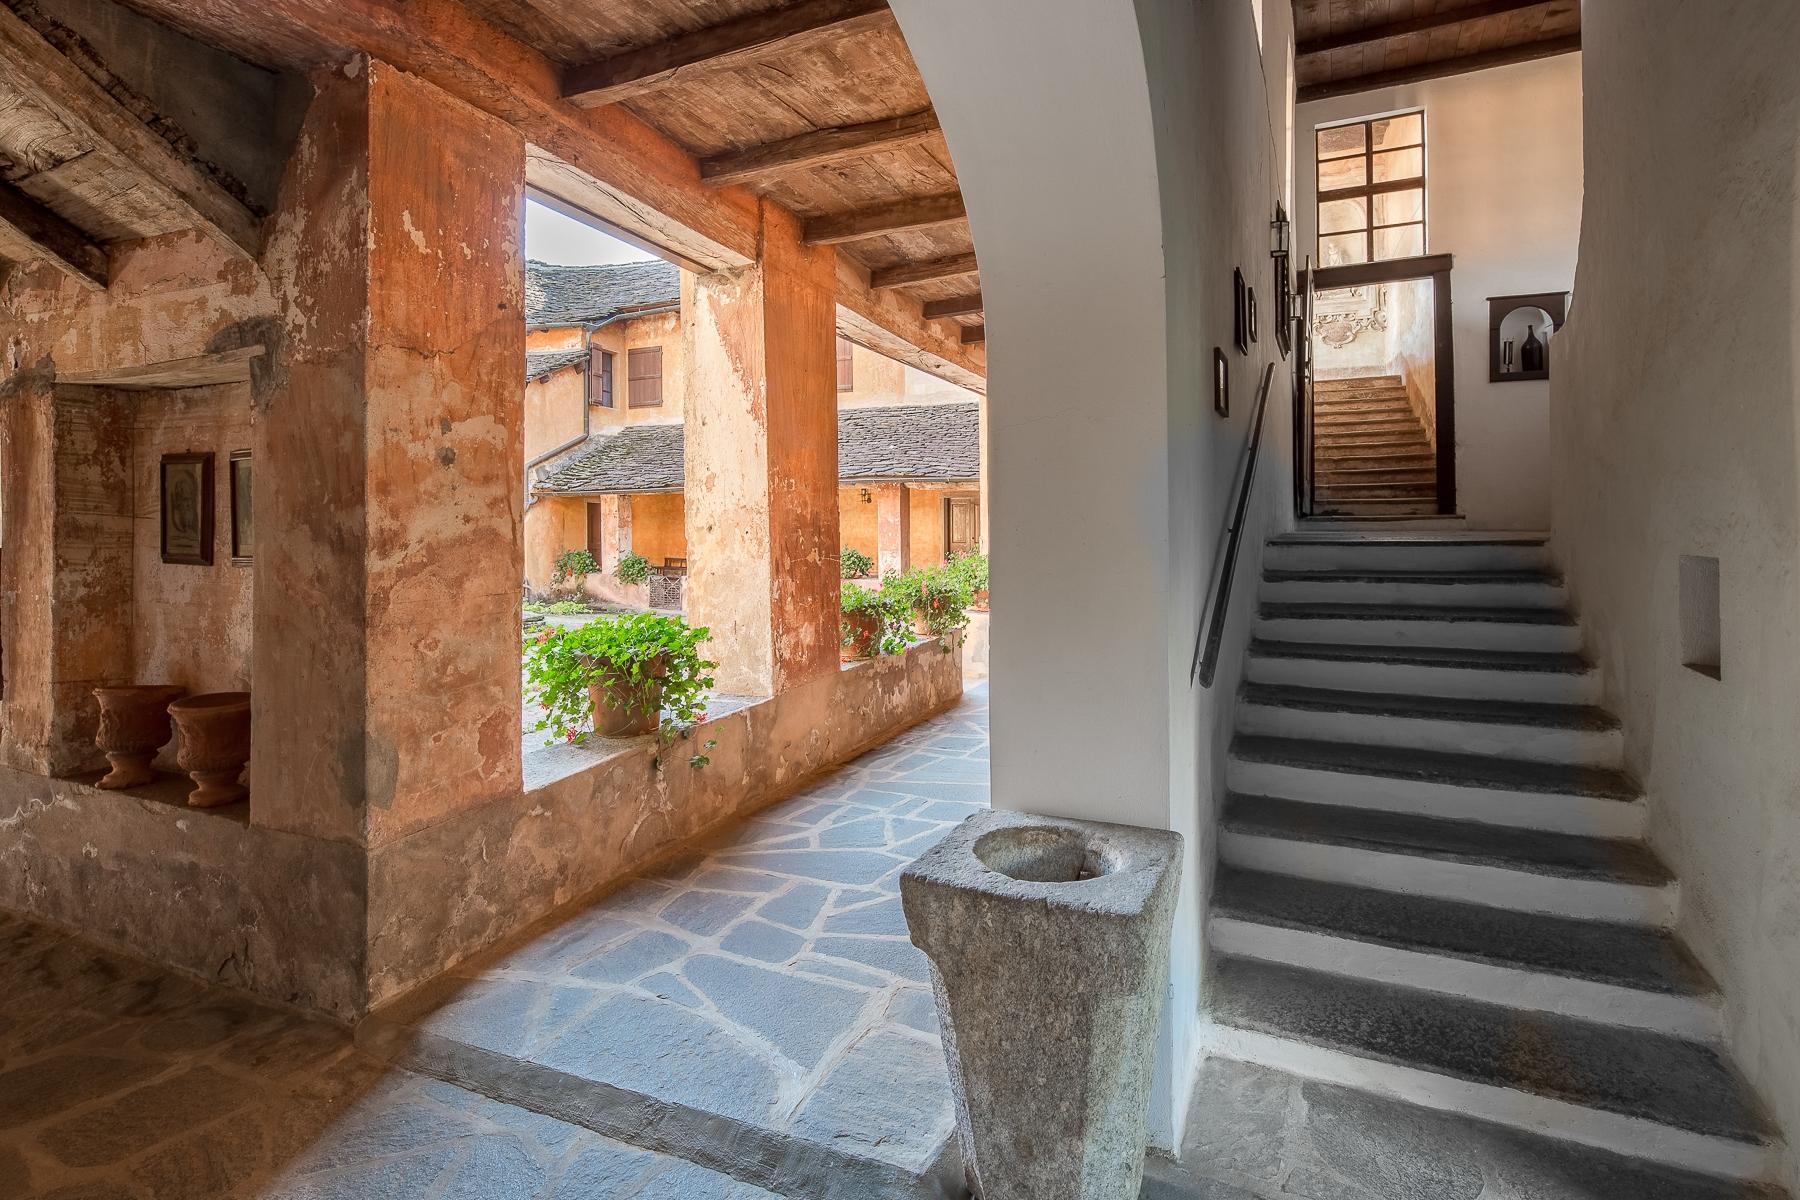 Бывший монастырь и вилла 19 века на Сакро-Монте - Орта Сан Джулио - 27